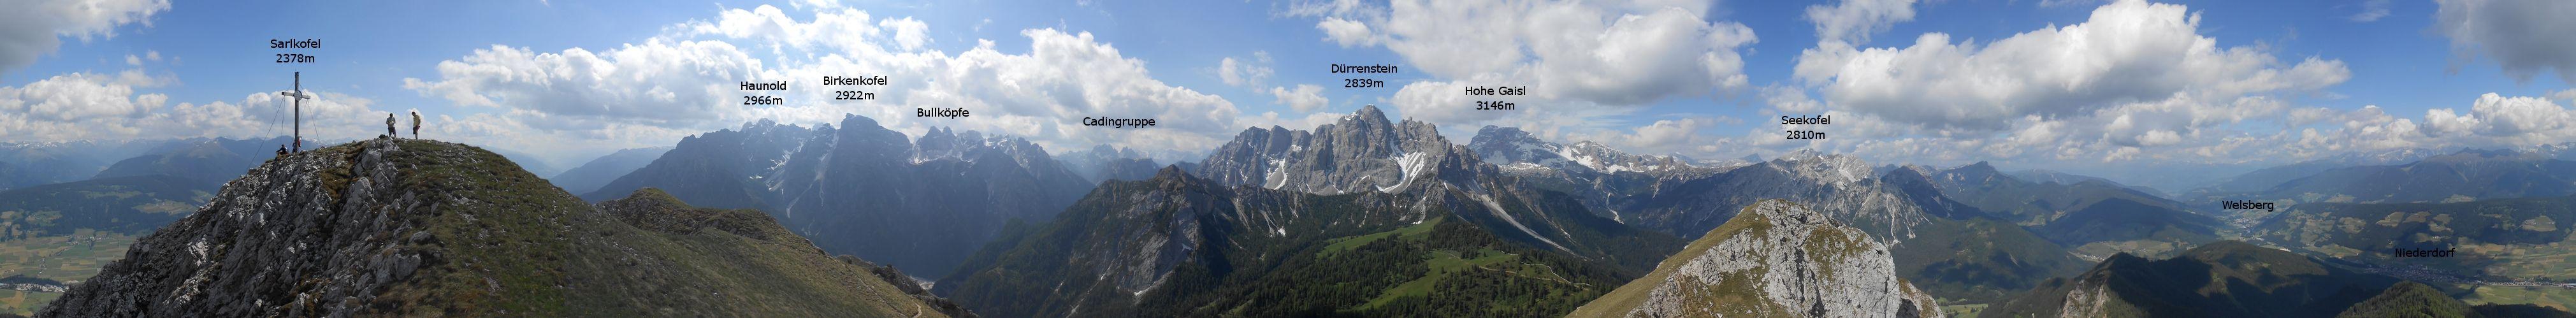 Panorama_Sarlkofel